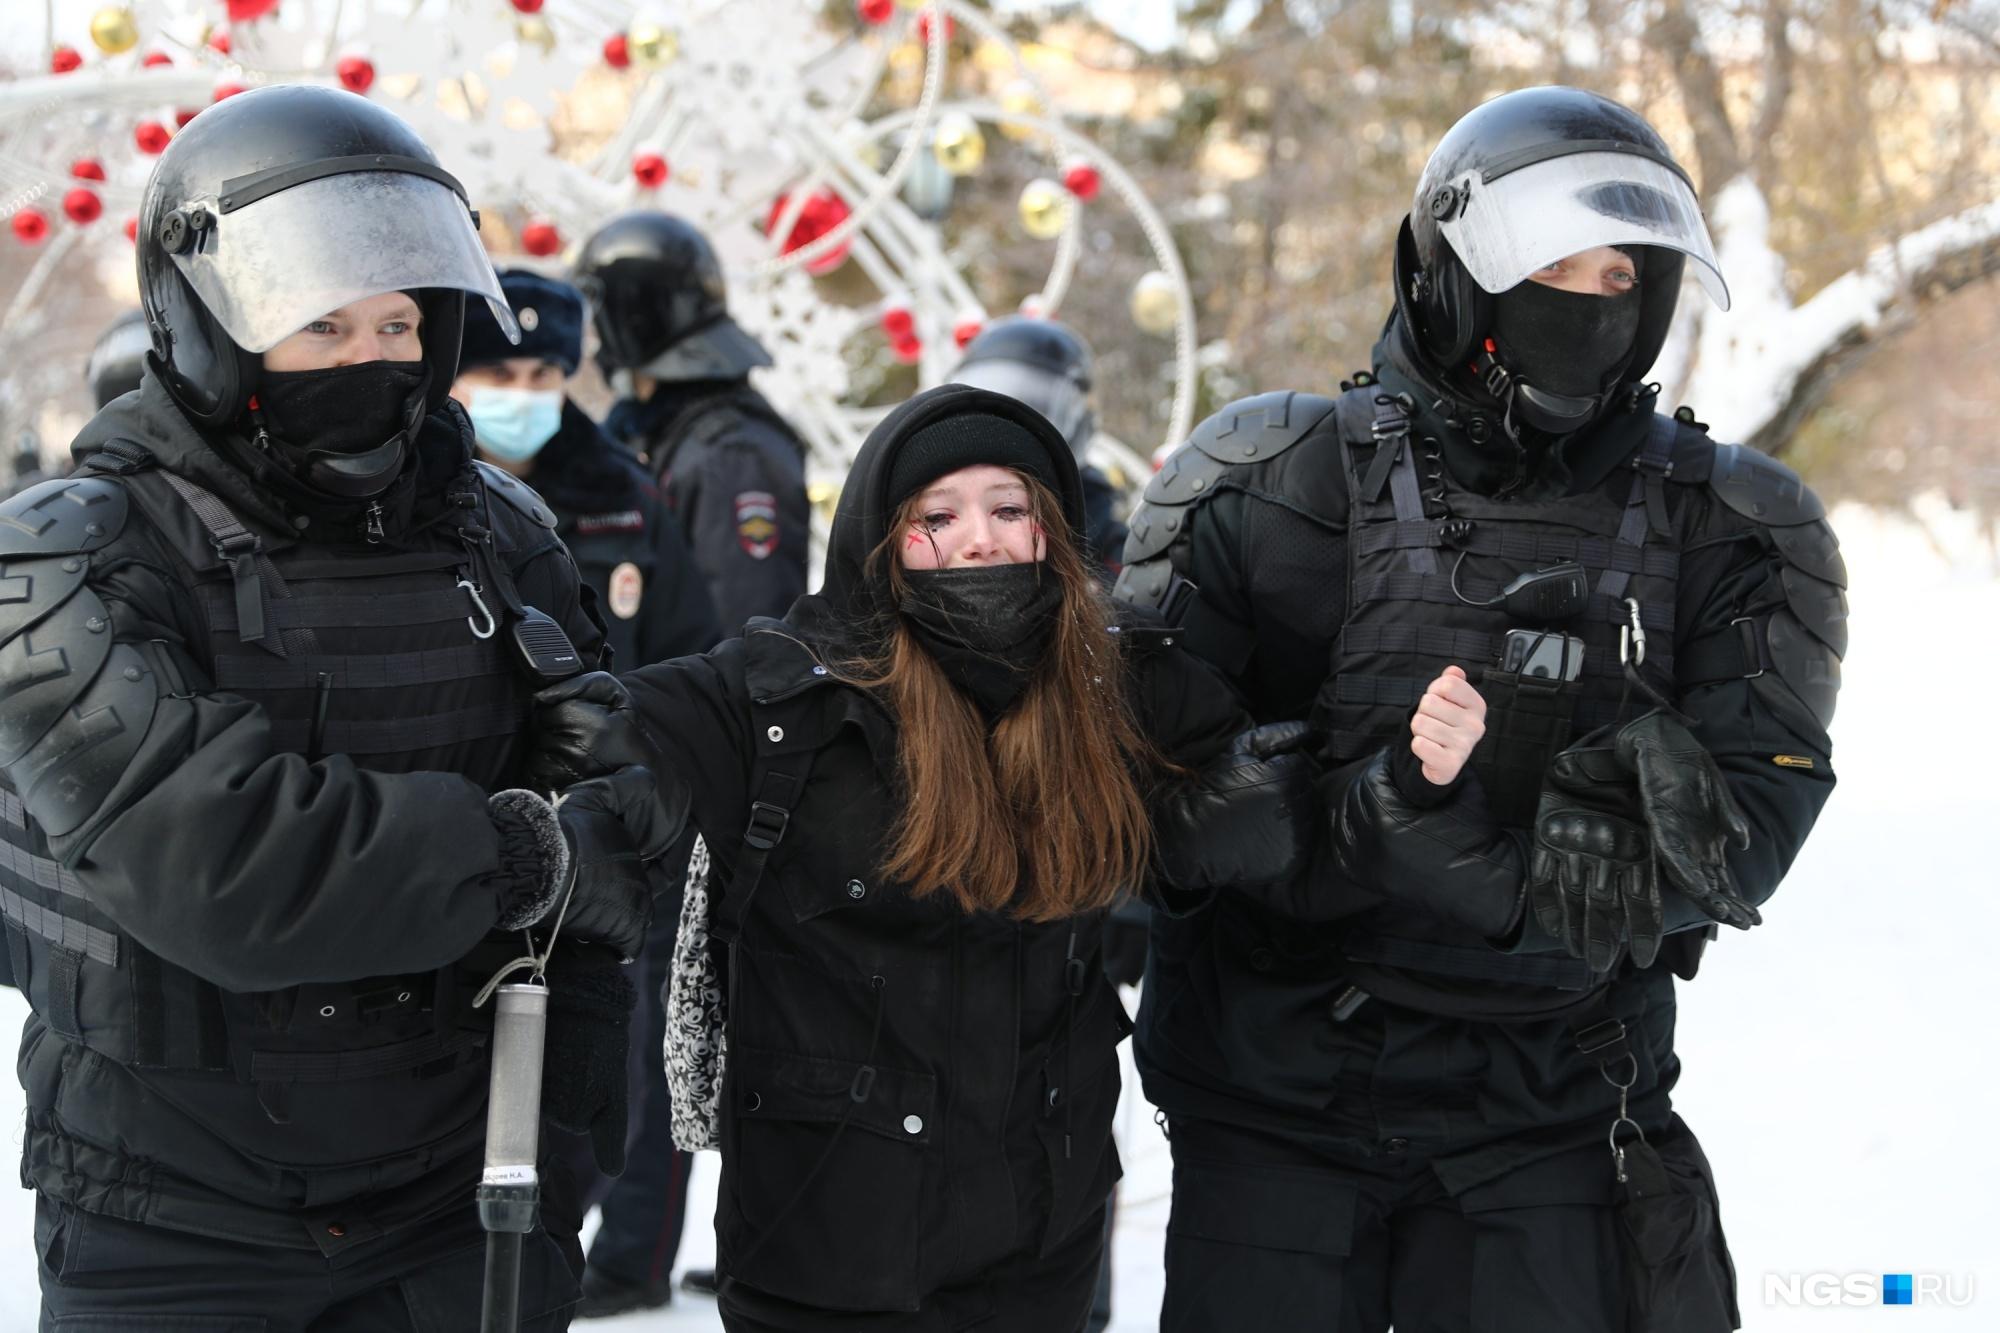 """<a href=""""https://ngs.ru/text/gorod/2021/01/23/69719656/"""" target=""""_blank"""" class=""""_"""">Задержание в Новосибирске</a>&nbsp;"""